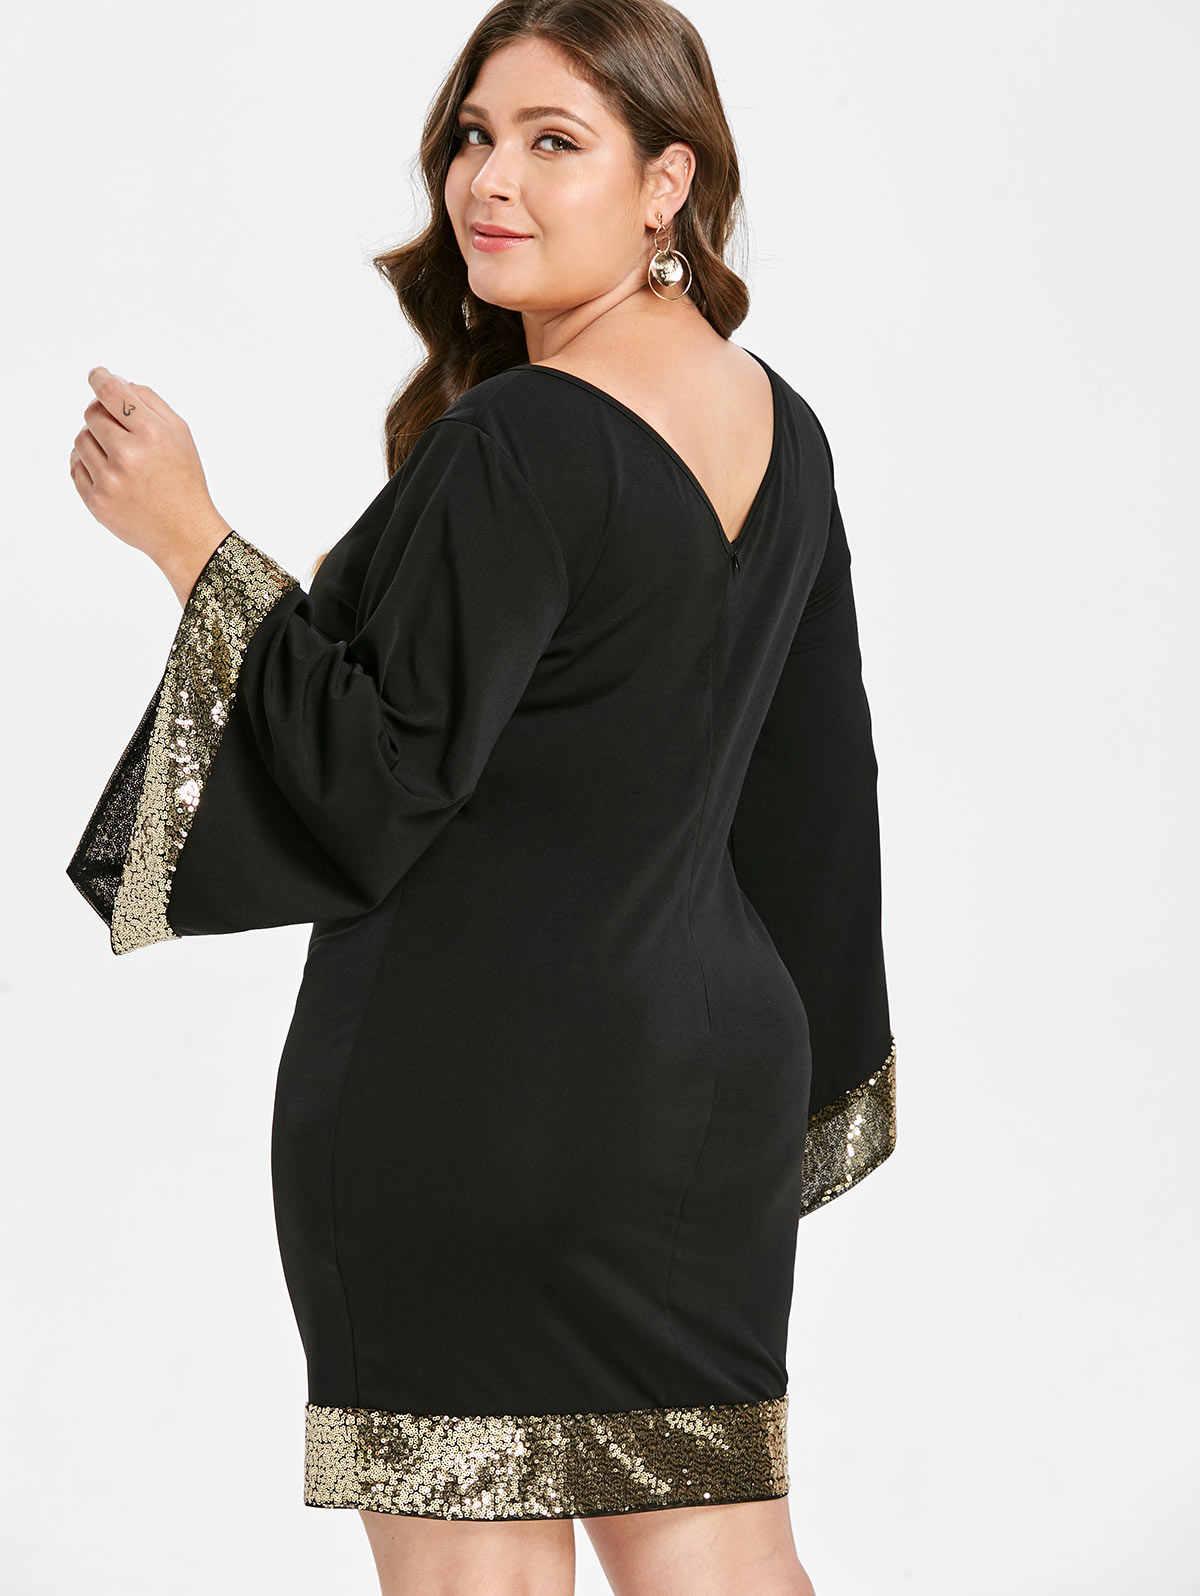 Wipalo  Вечернее коктельное платье большого размера с широкими рукавми и паетками, короткое облегающее платье на вечеринку 5XL-L